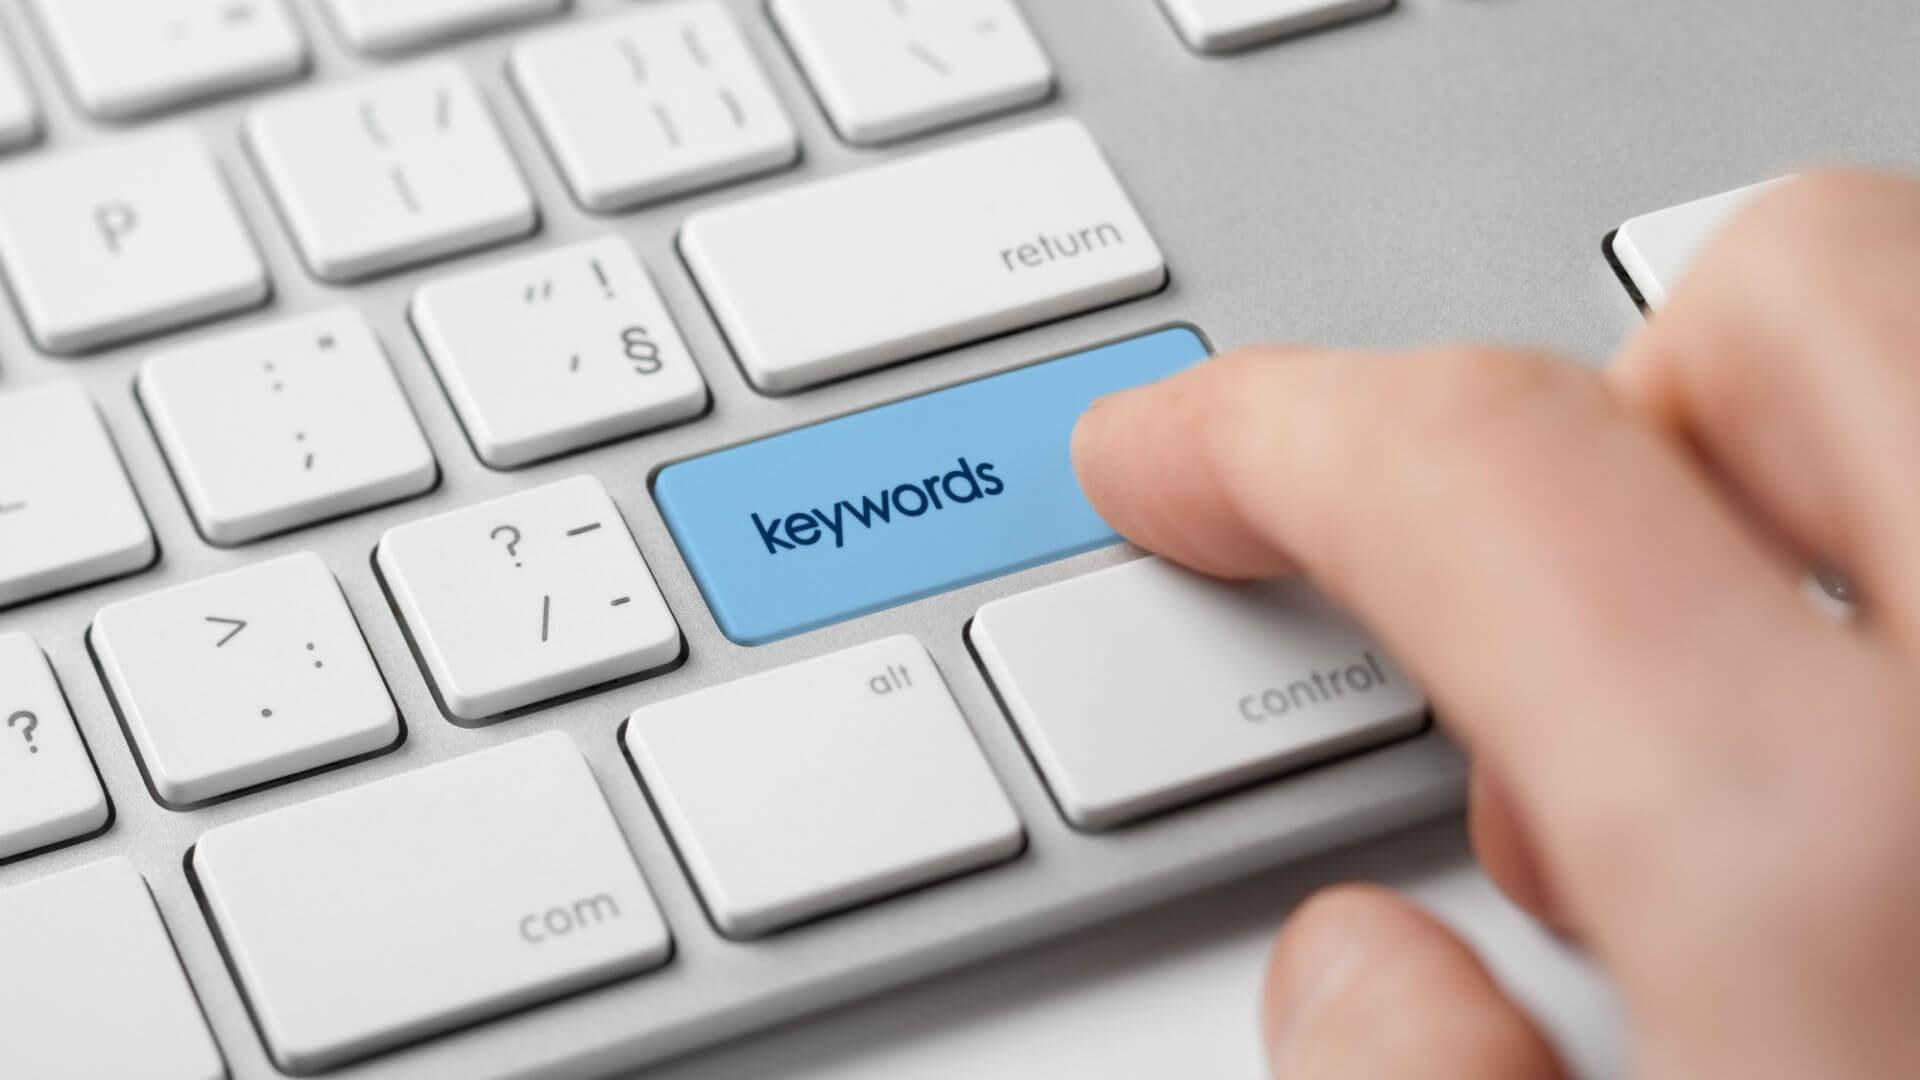 بررسی ترکیبی از اصطلاحات اصلی و کلمات کلیدی